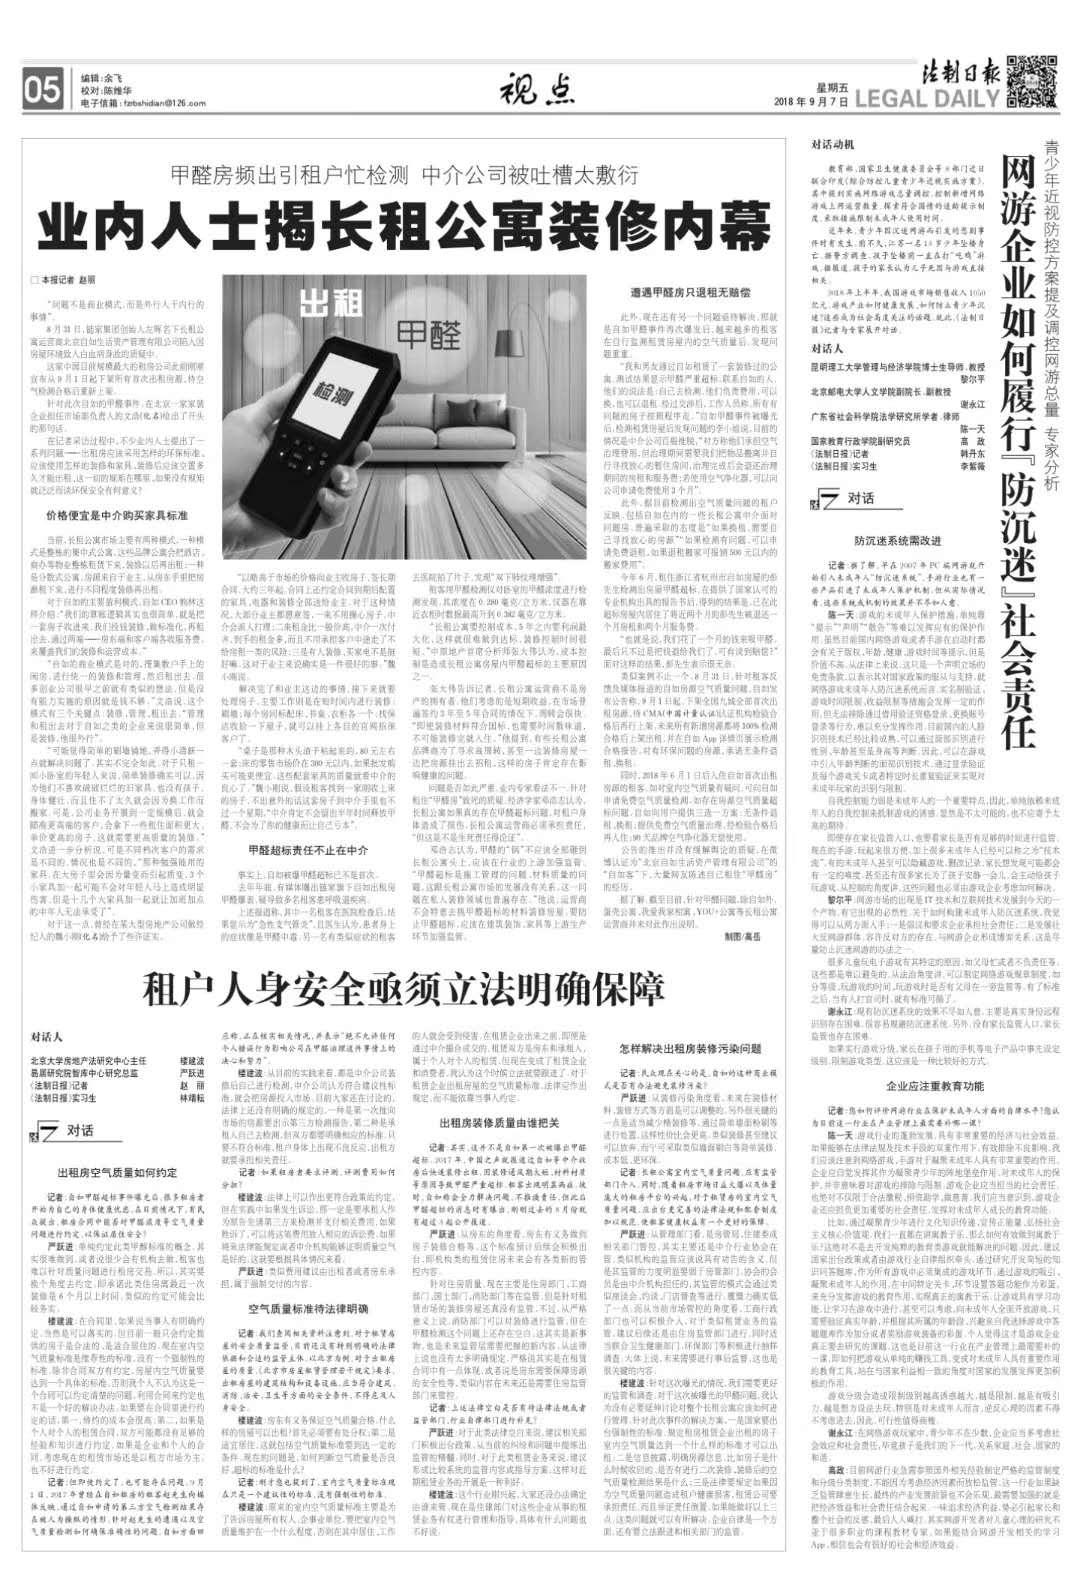 """法制日报采访陈一天律师:网游企业如何履行""""防沉迷""""社会责任"""